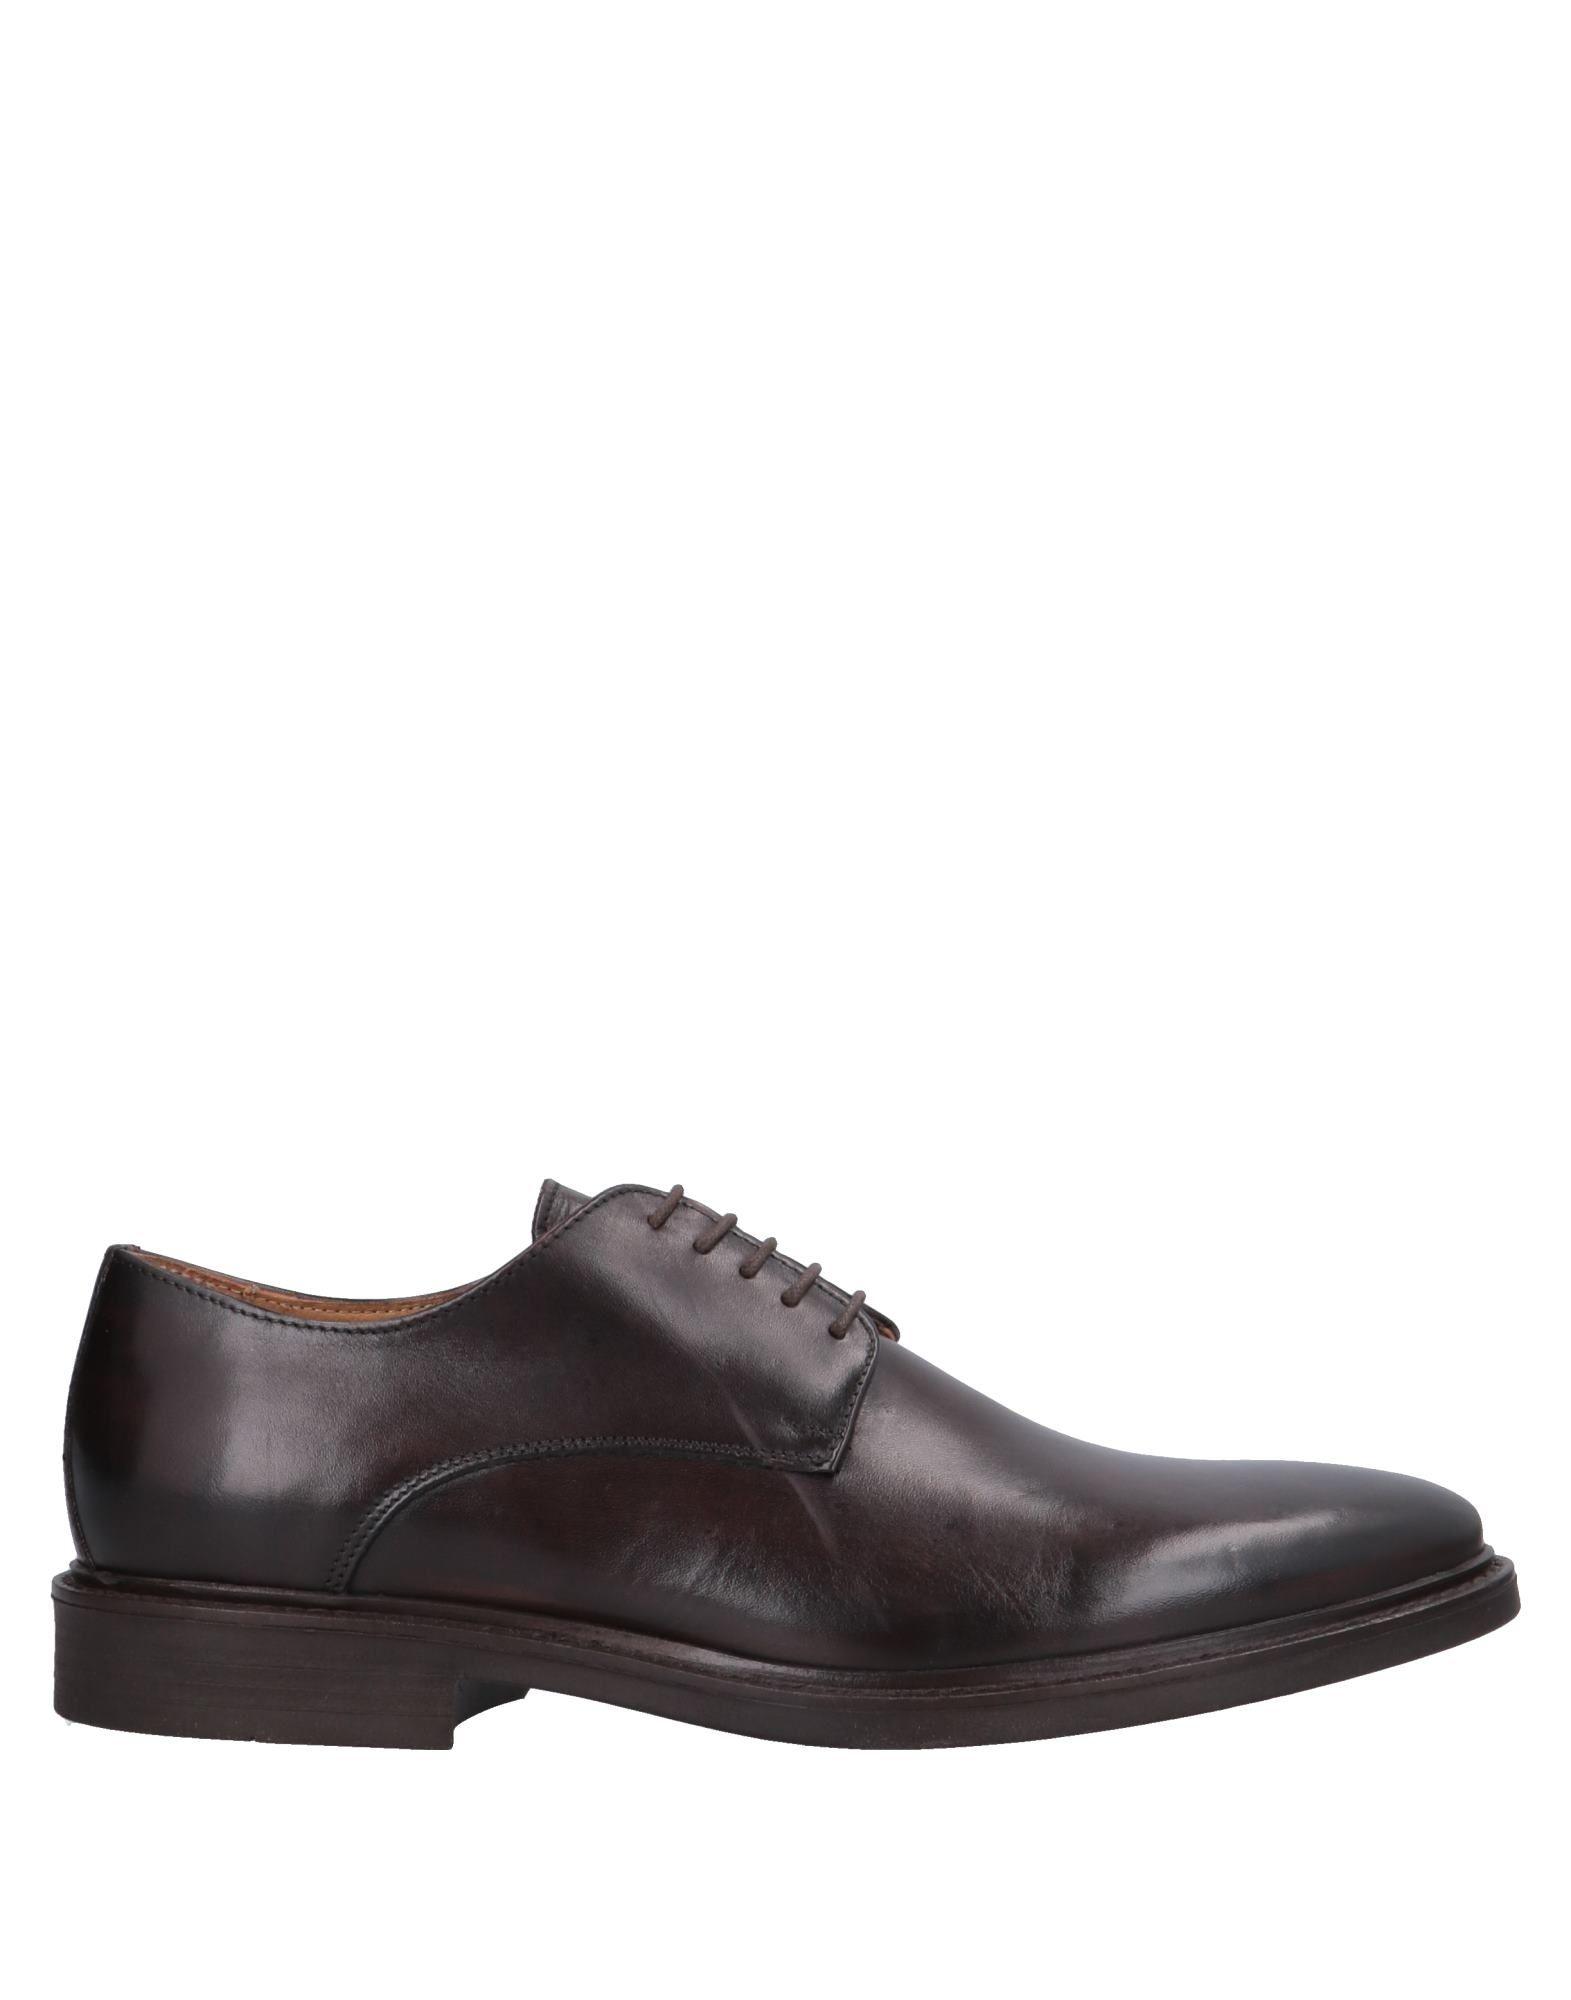 Historic Schnürschuhe Herren  11554144UT Gute Qualität beliebte Schuhe